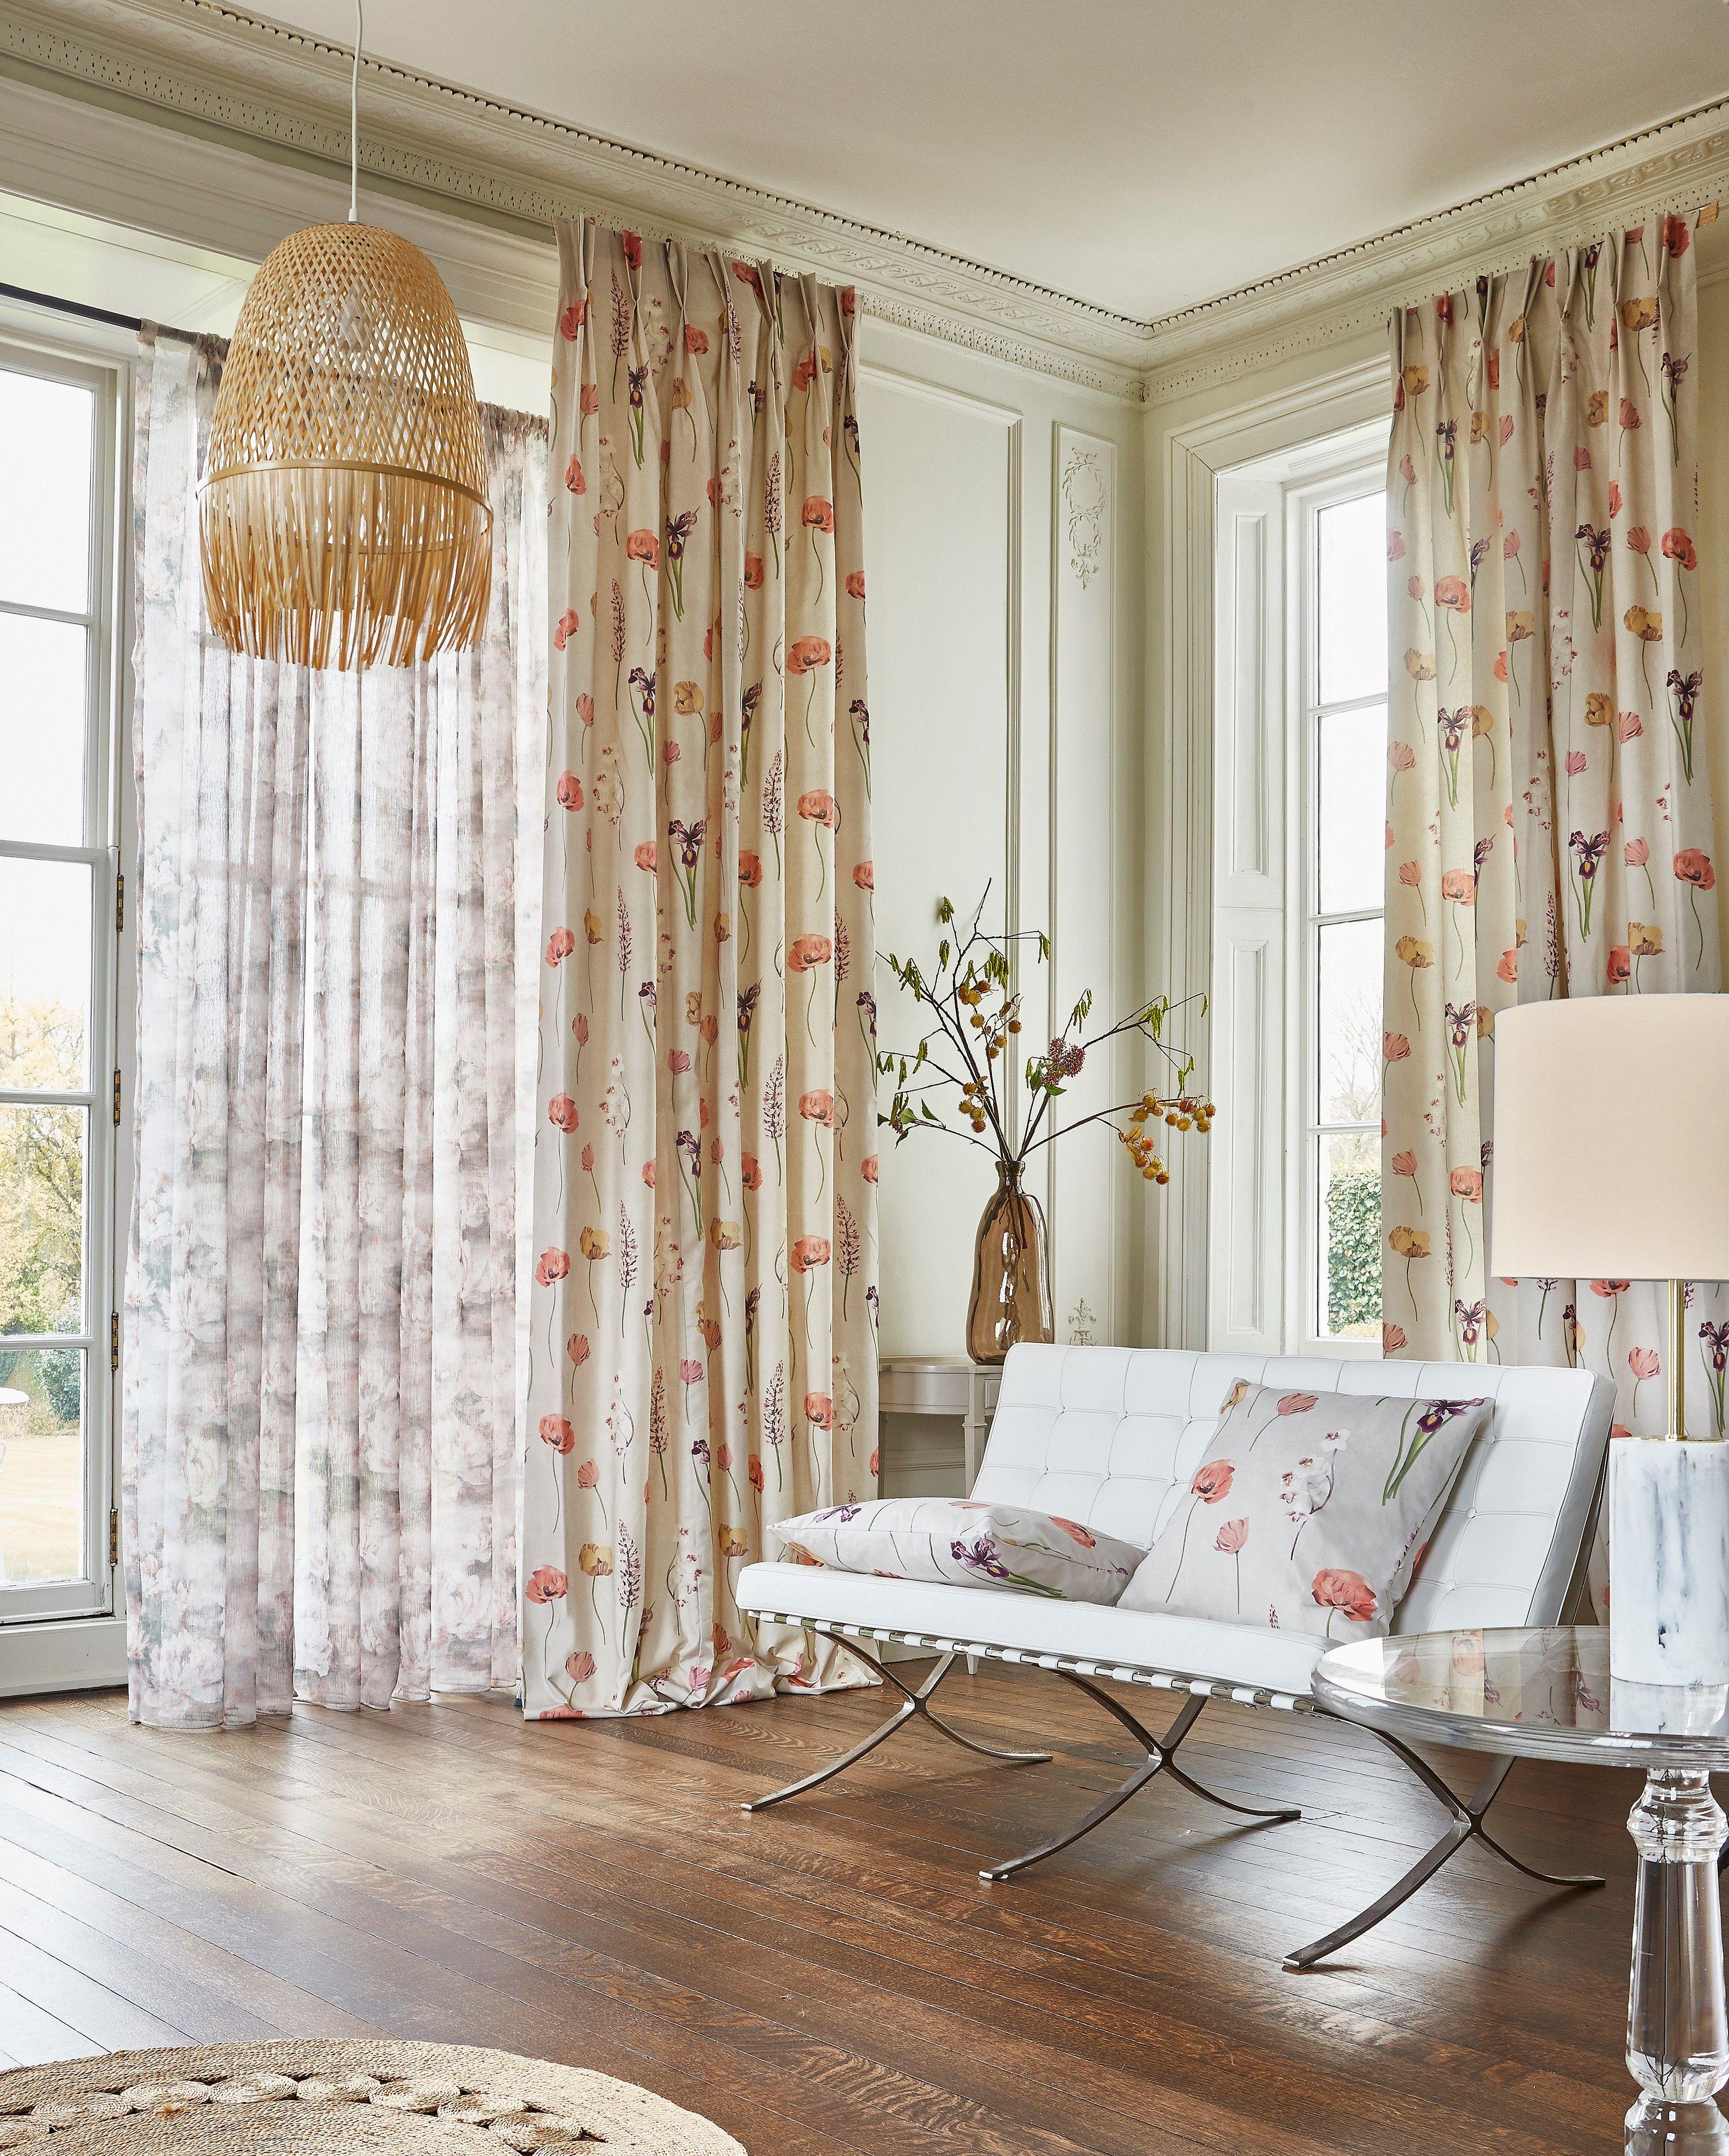 Prestigioustextiles Livingroom Livingroomideas Curtains Fabric